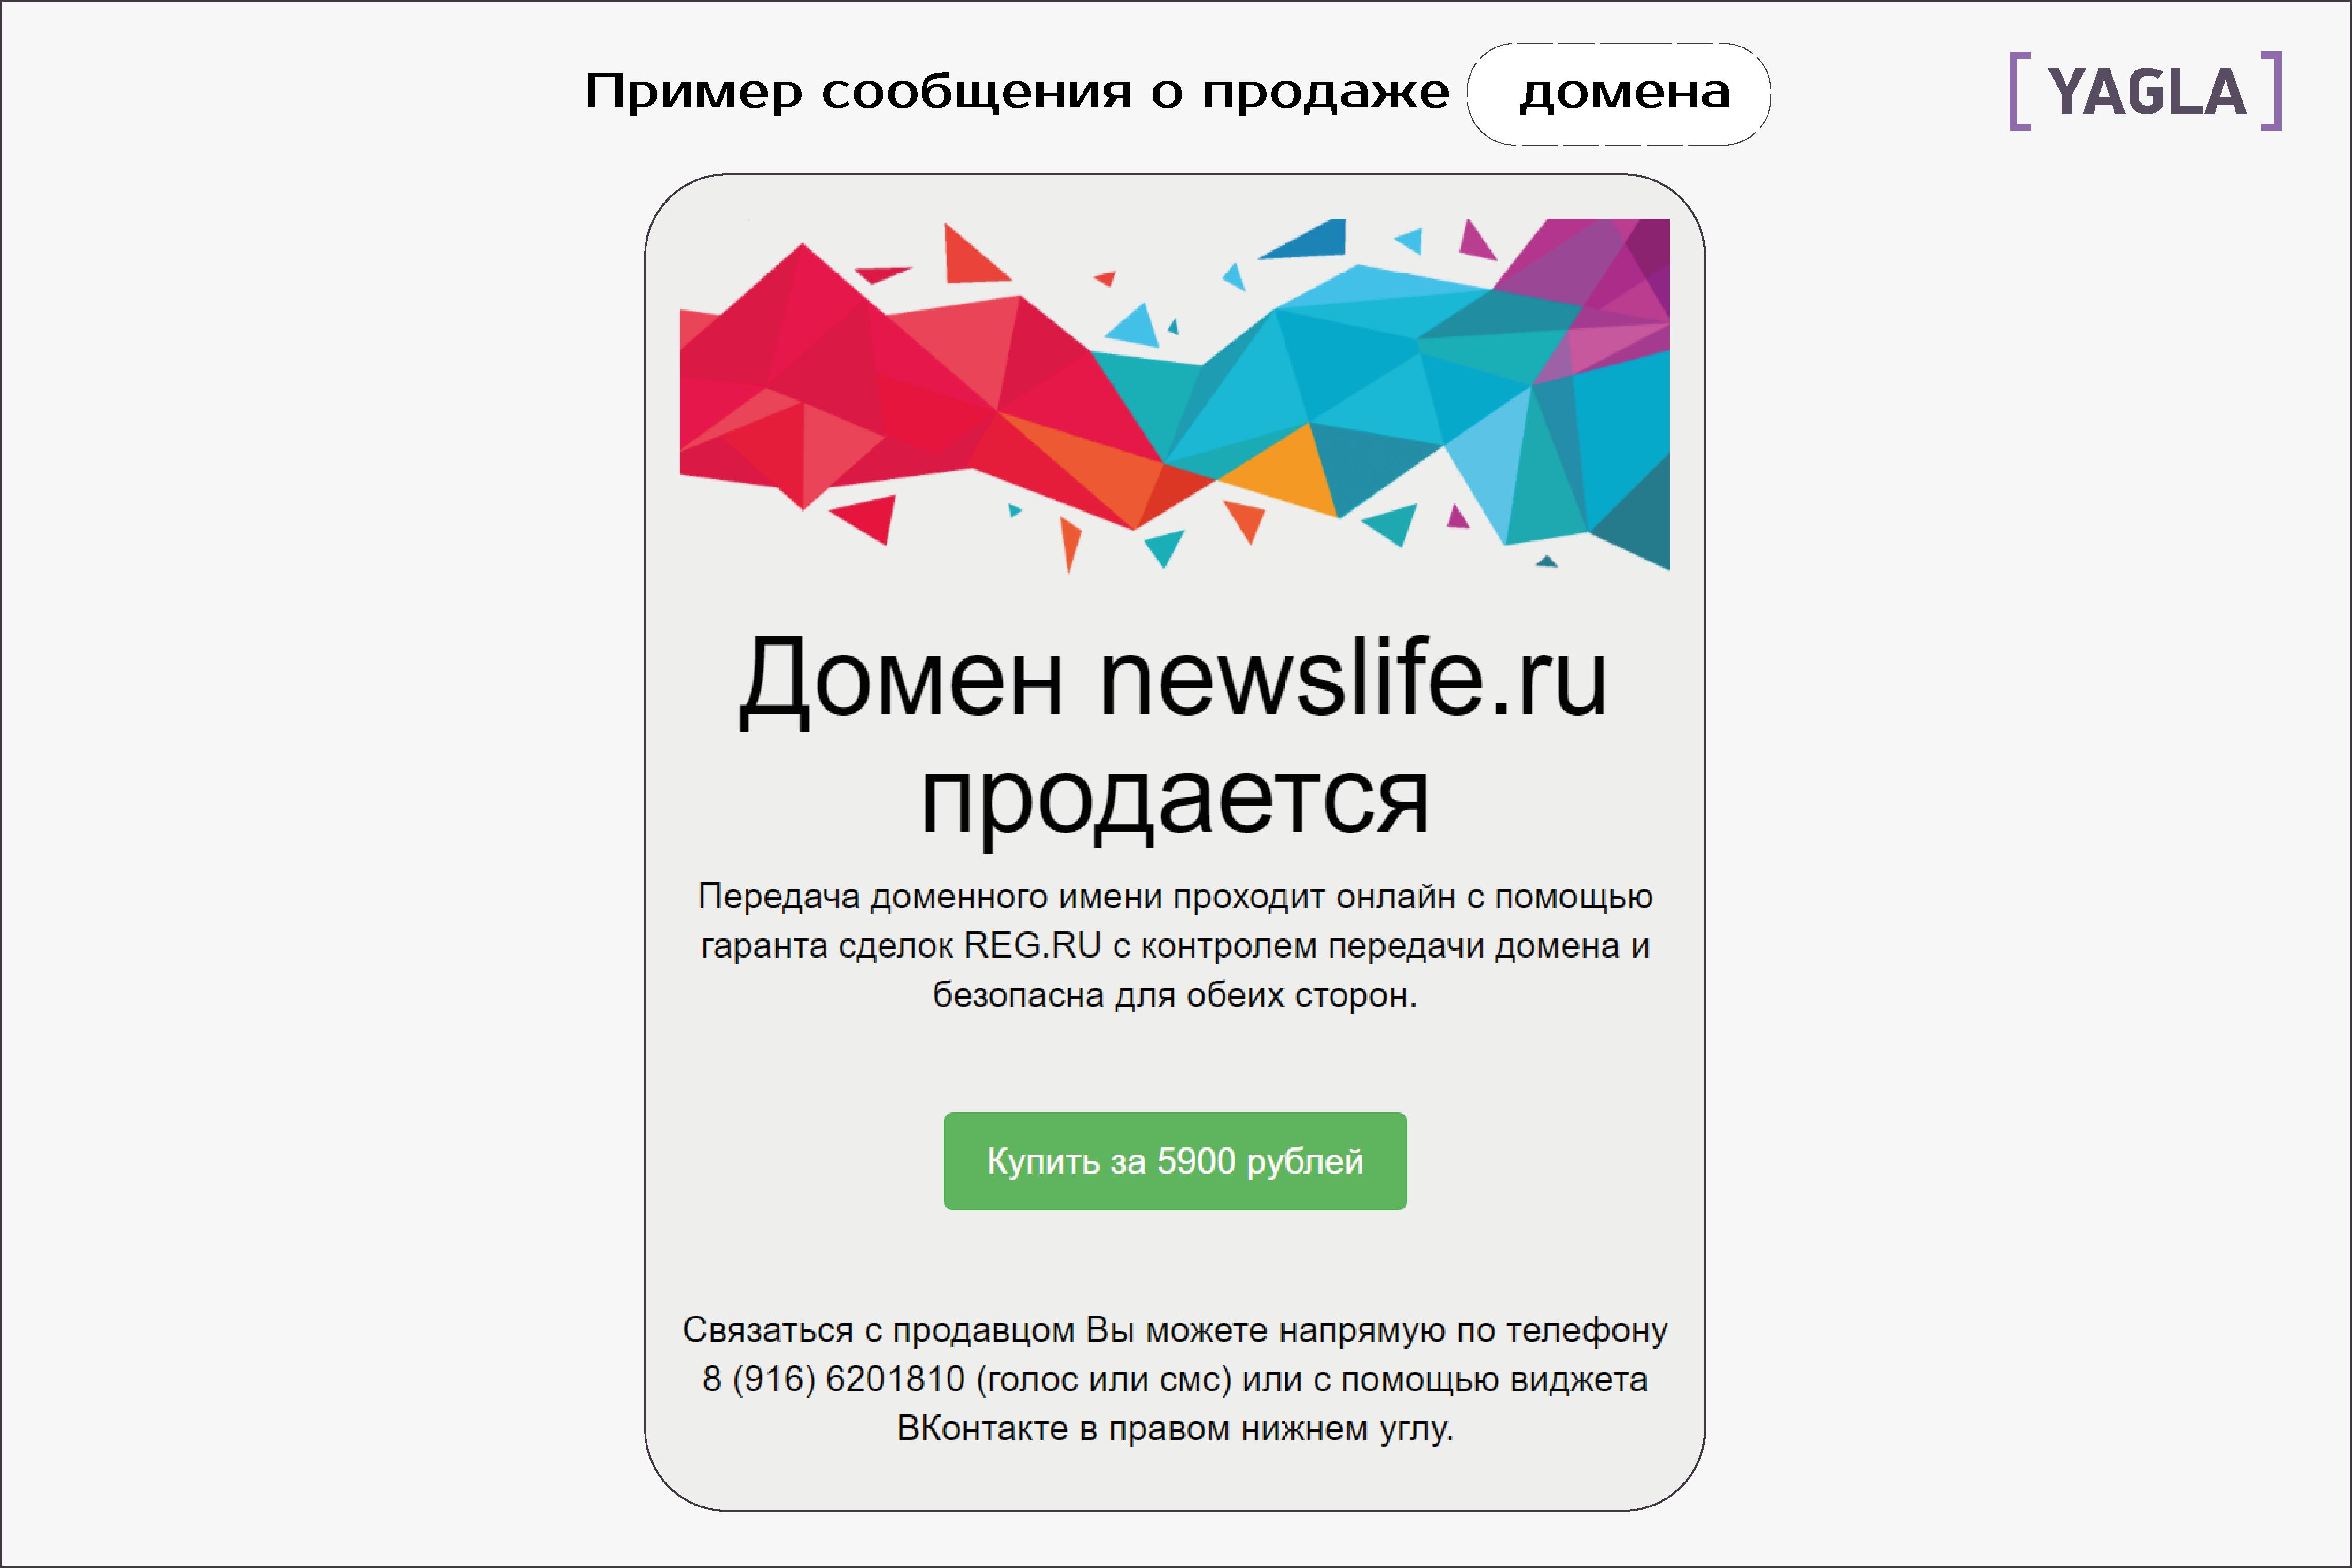 Пример сообщения о продаже домена на посадочной странице